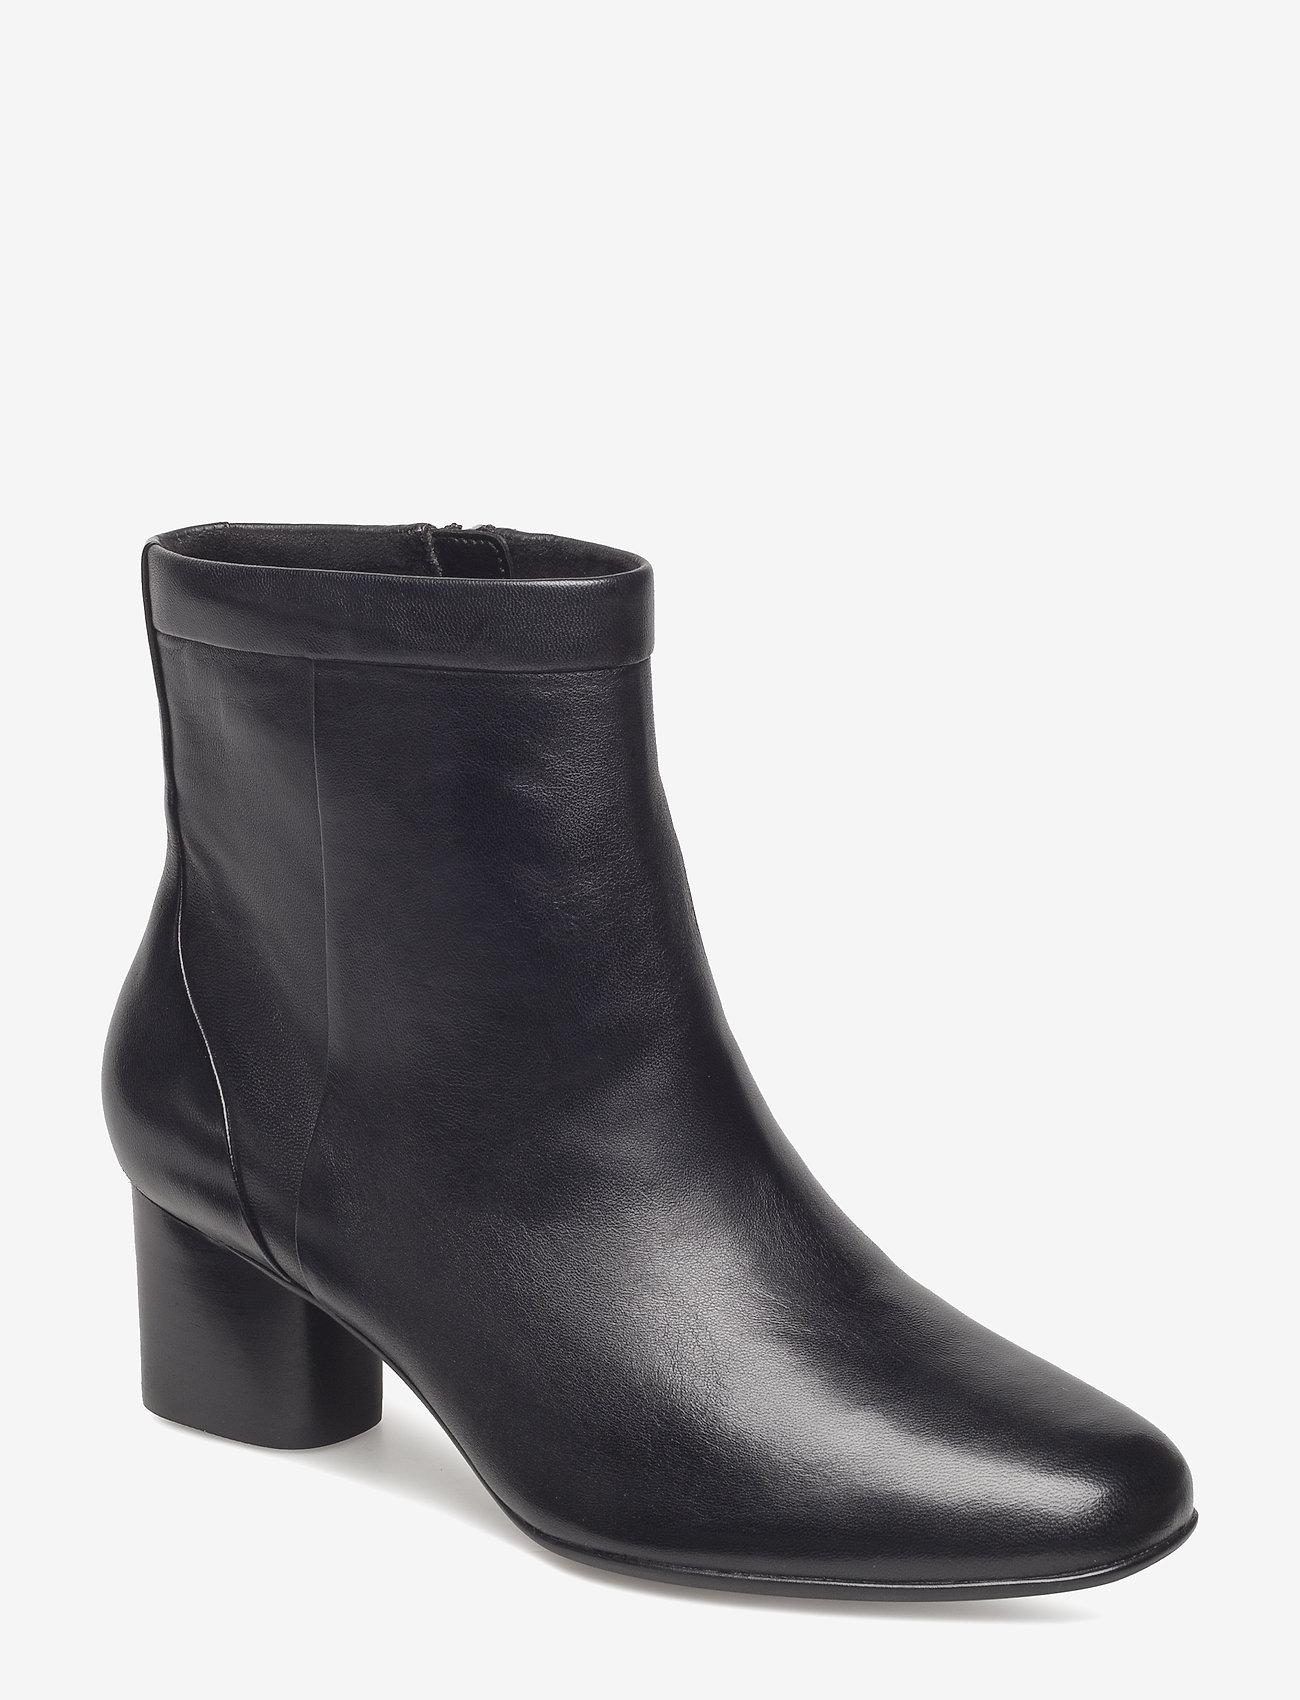 Clarks - Un Cosmo Up - ankelstøvletter med hæl - black leather - 0